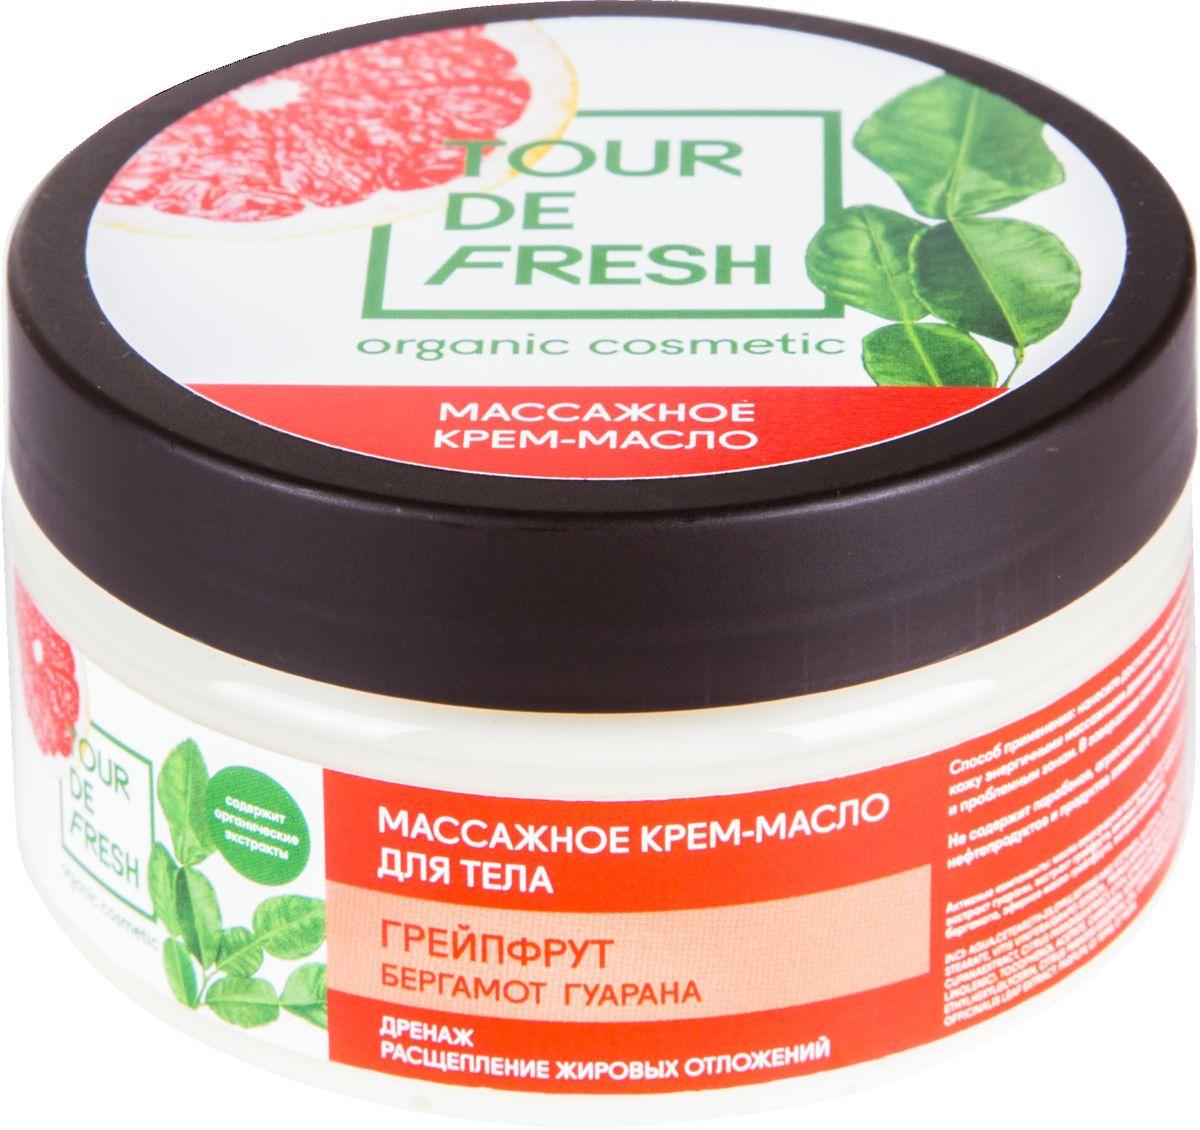 Tour De Fresh Антицеллюлитный массажный крем-масло Бергамот, грейпфрут и гуарана, 200 мл - Косметика по уходу за кожей